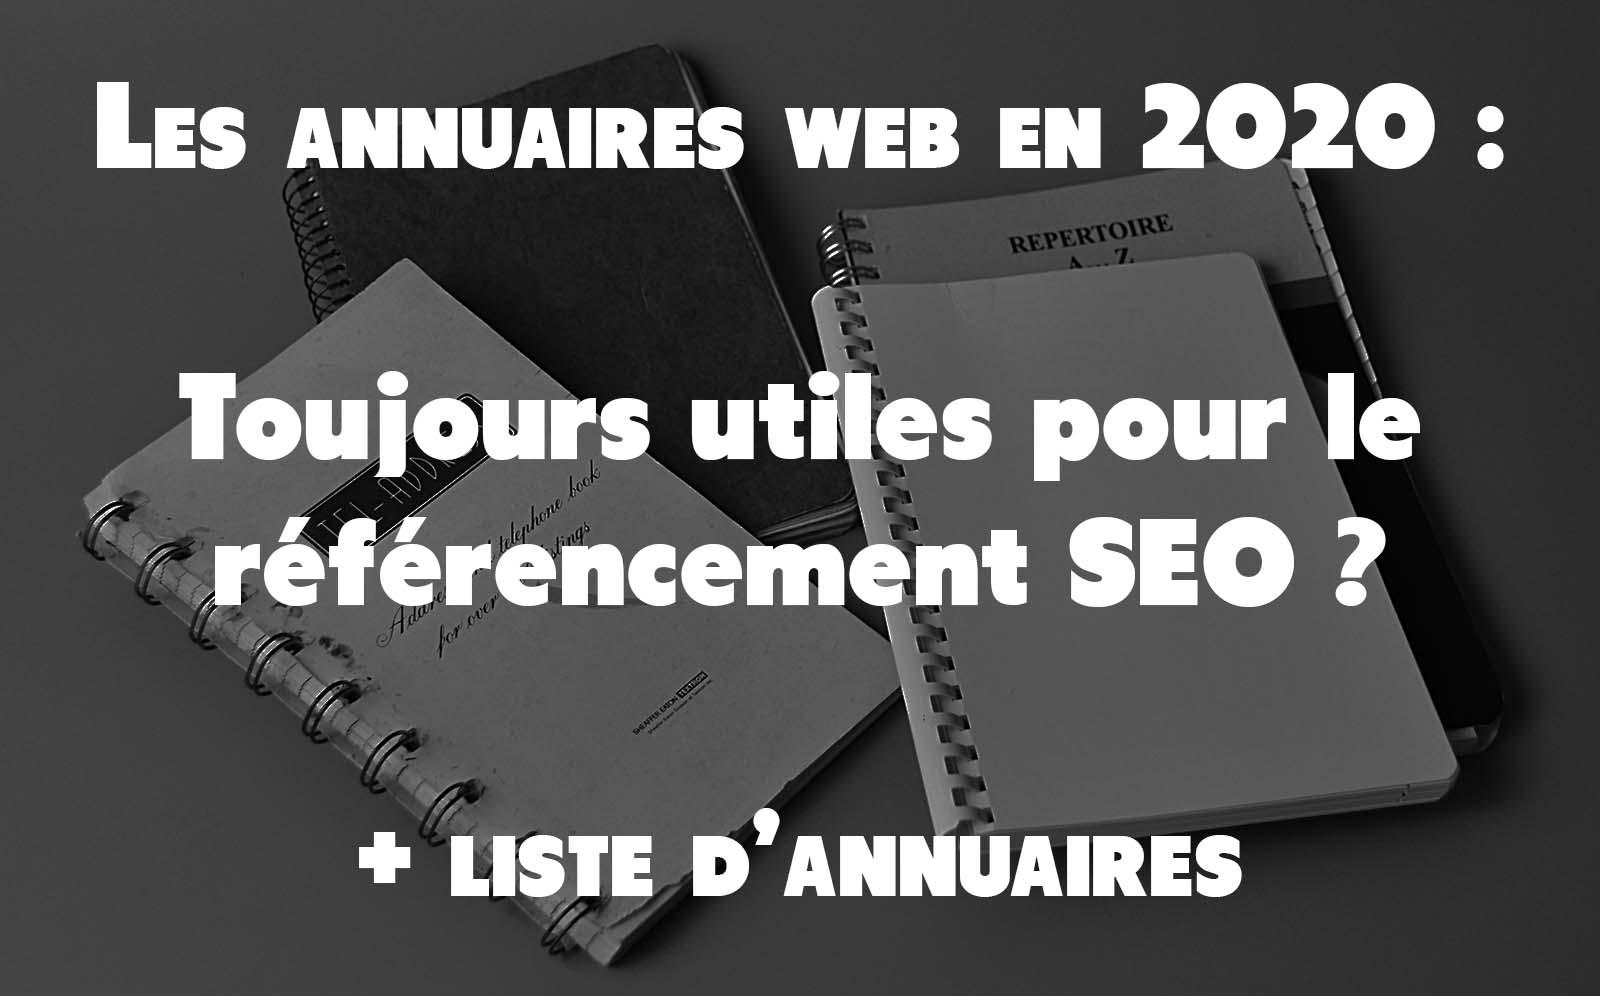 annuaires web référencement seo utilité en 2020 + liste d'annuaire